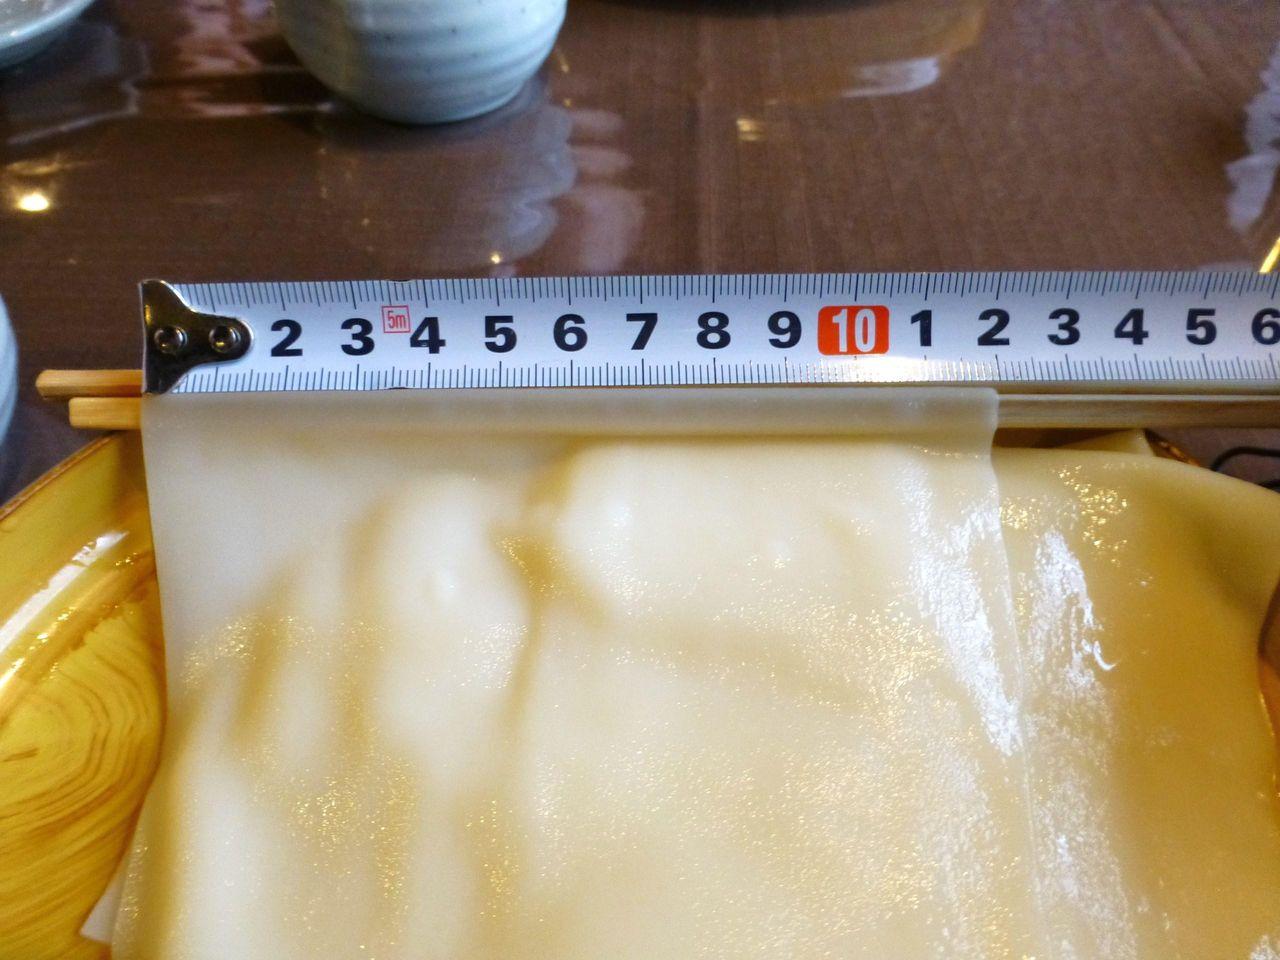 メジャーで計測すると、その幅はなんと12センチ!